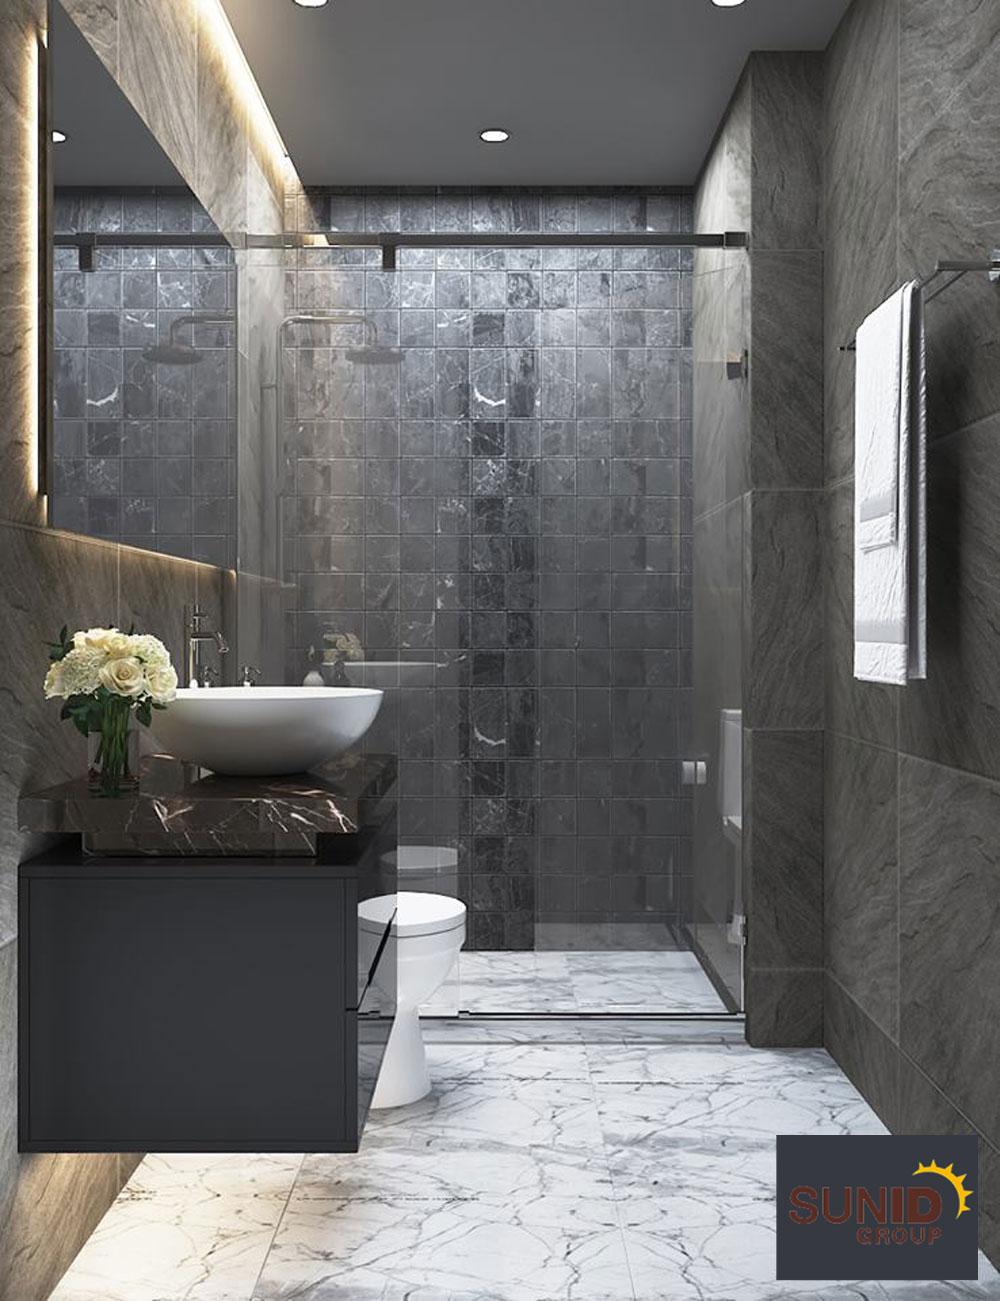 thiết kế nội thất chung cư tân cổ điển cao cấp 17